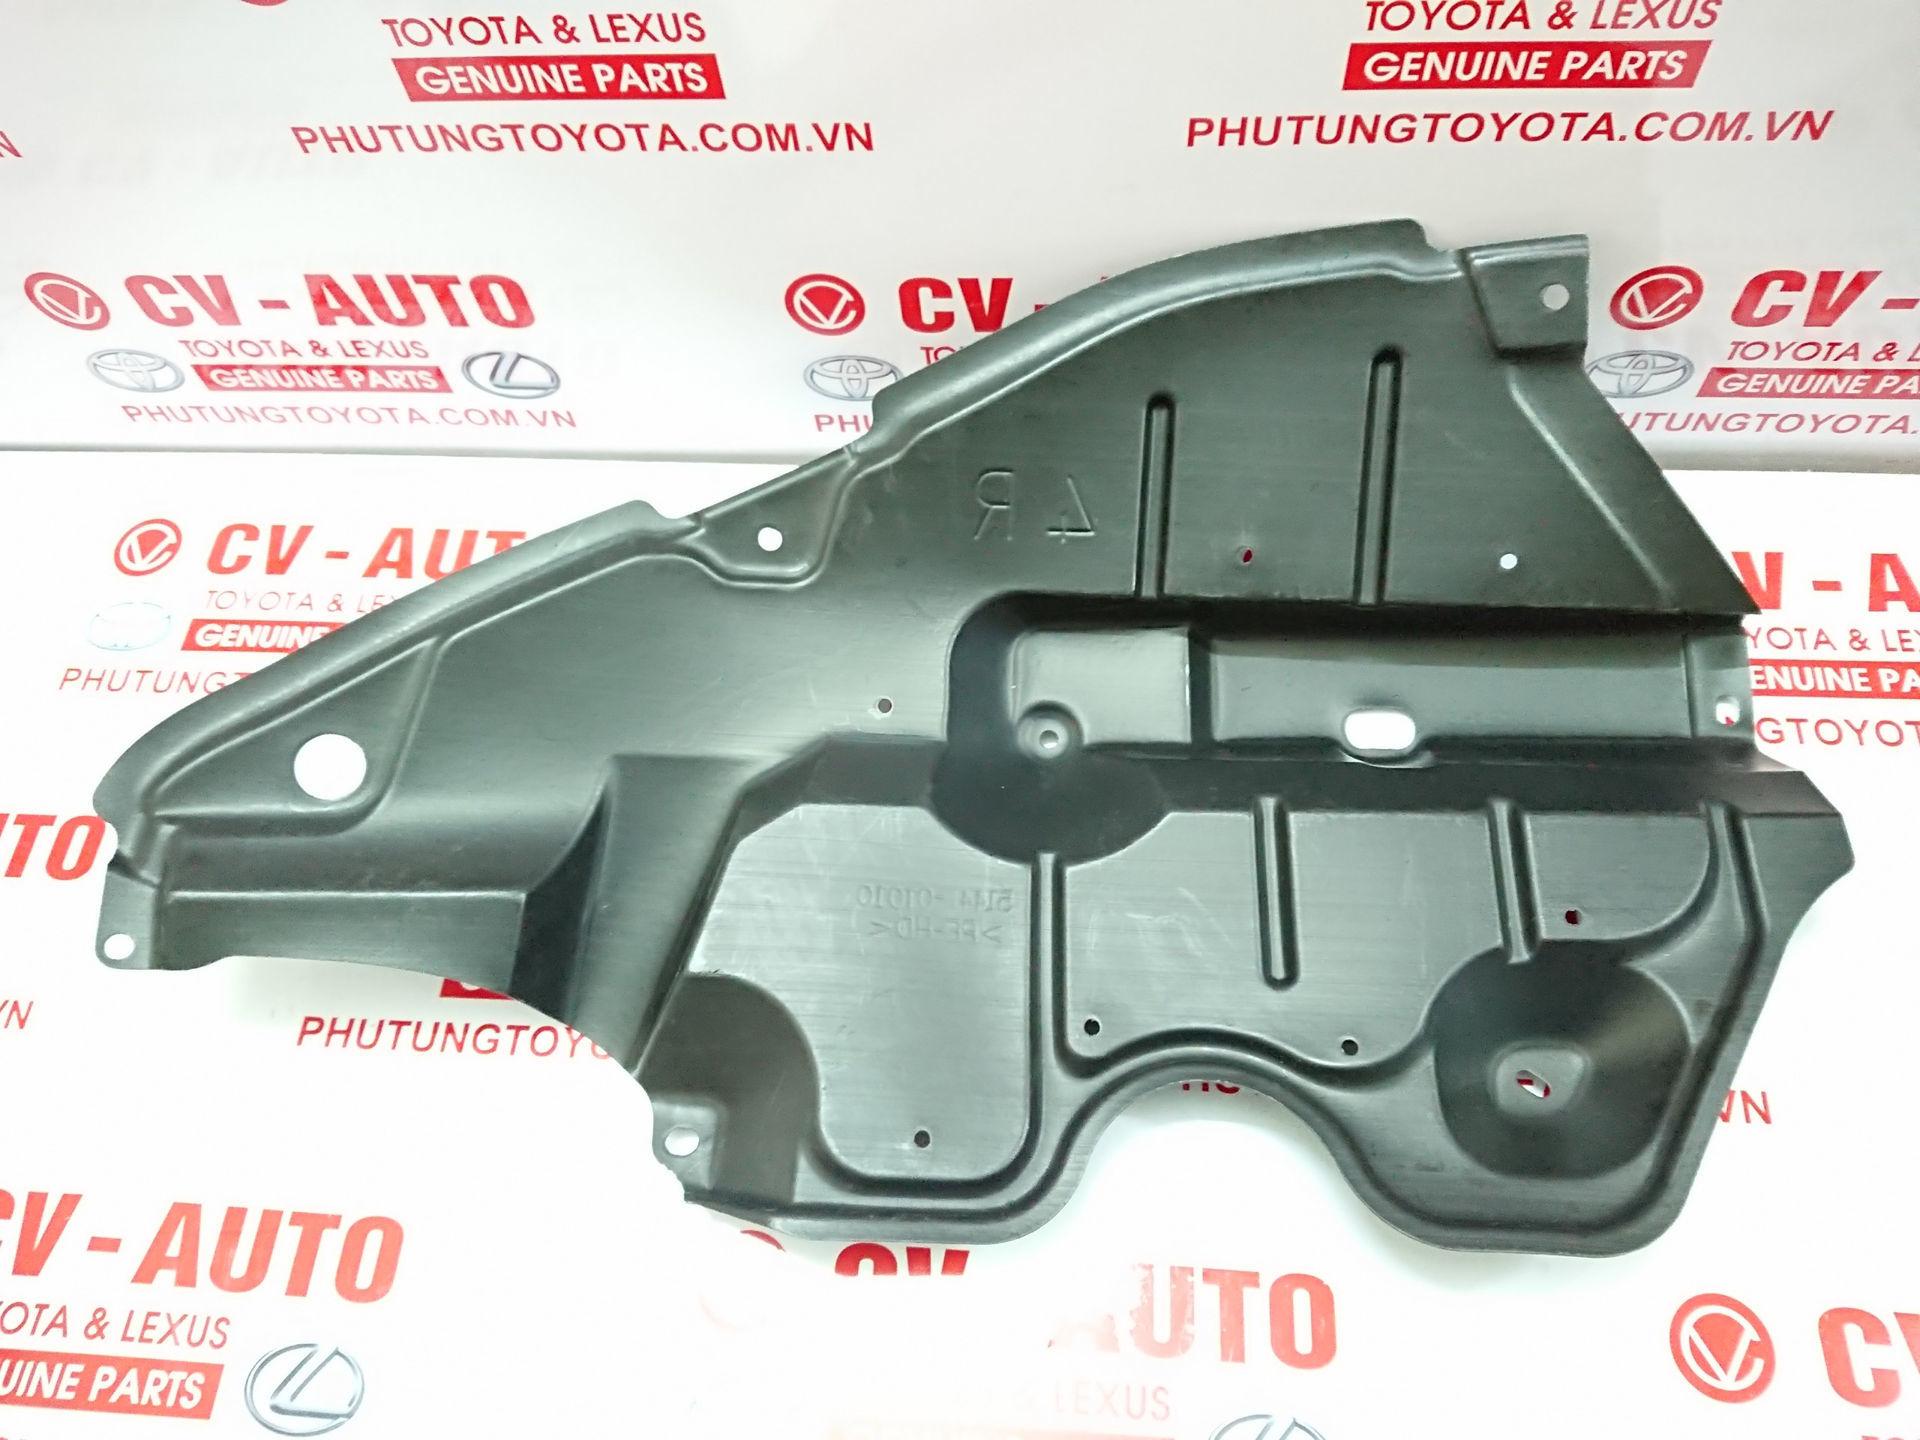 Picture of 51441-0T010 Chắn gầm Toyota Venza hàng chính hãng